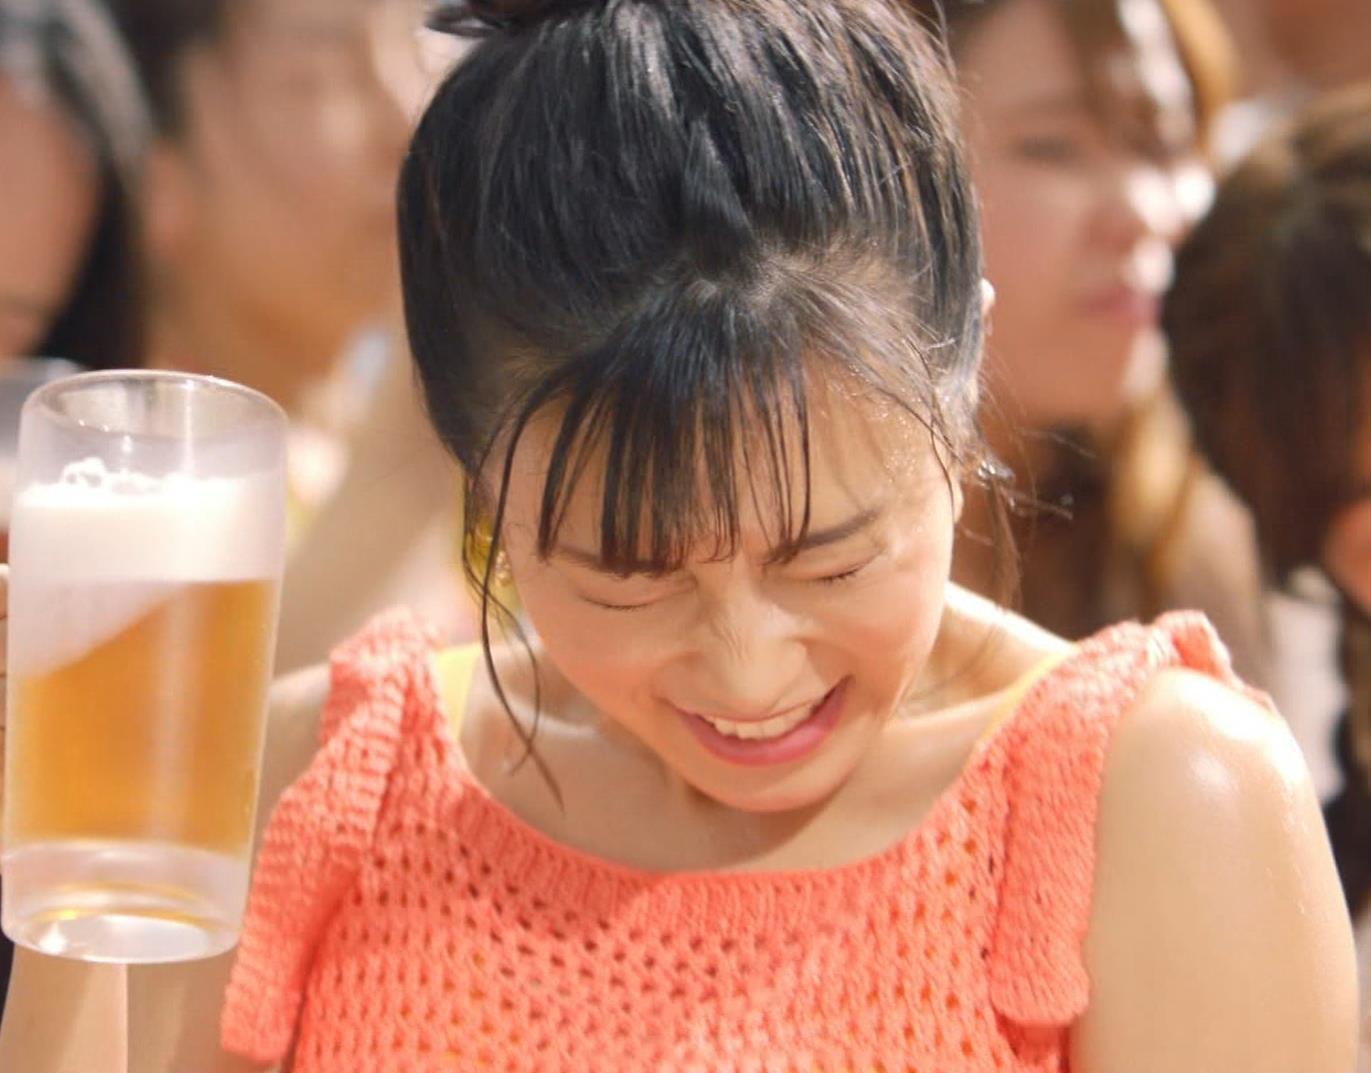 小島瑠璃子 ワキ見せエロCMキャプ・エロ画像9